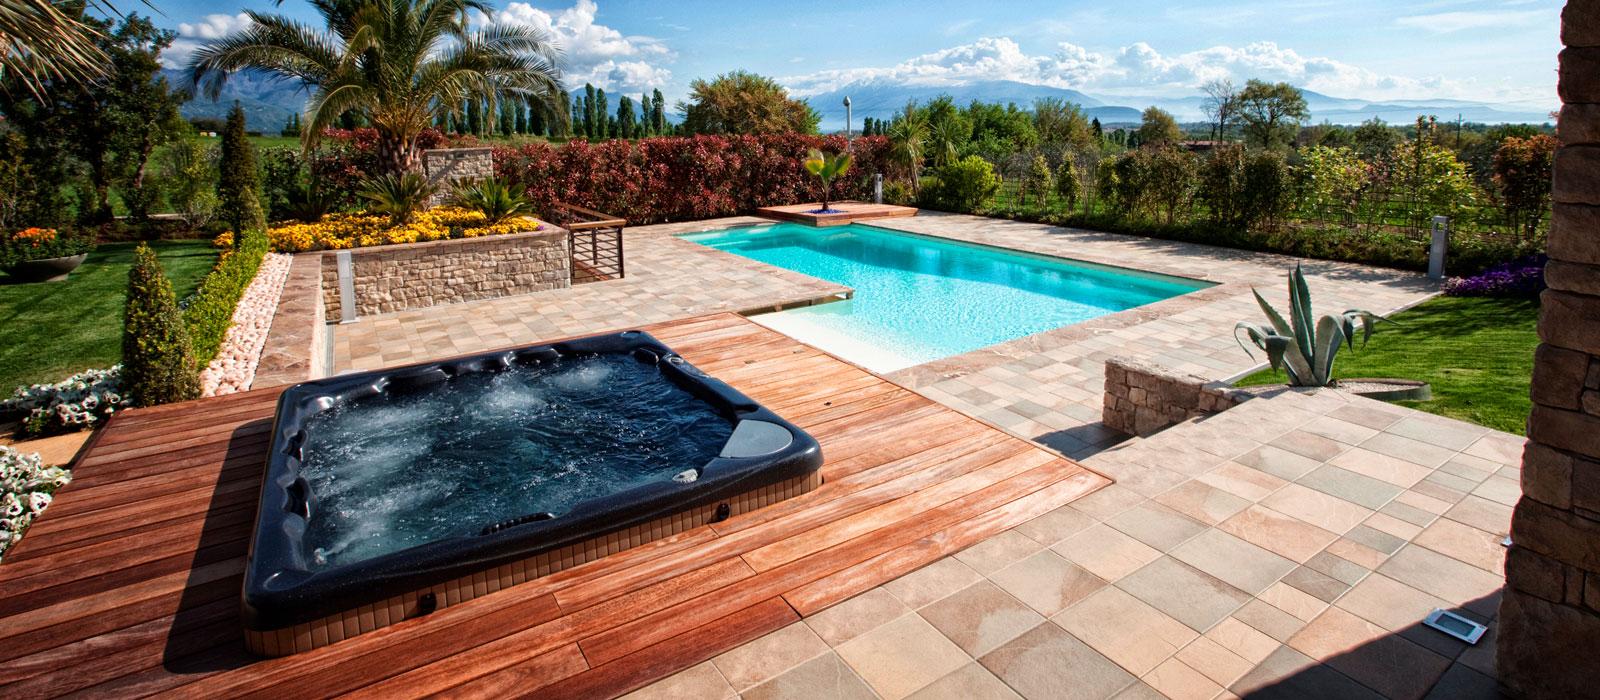 Piscine castiglione costruzione piscine interrate dal 1961 for Costo per costruire una casa piscina con bagno